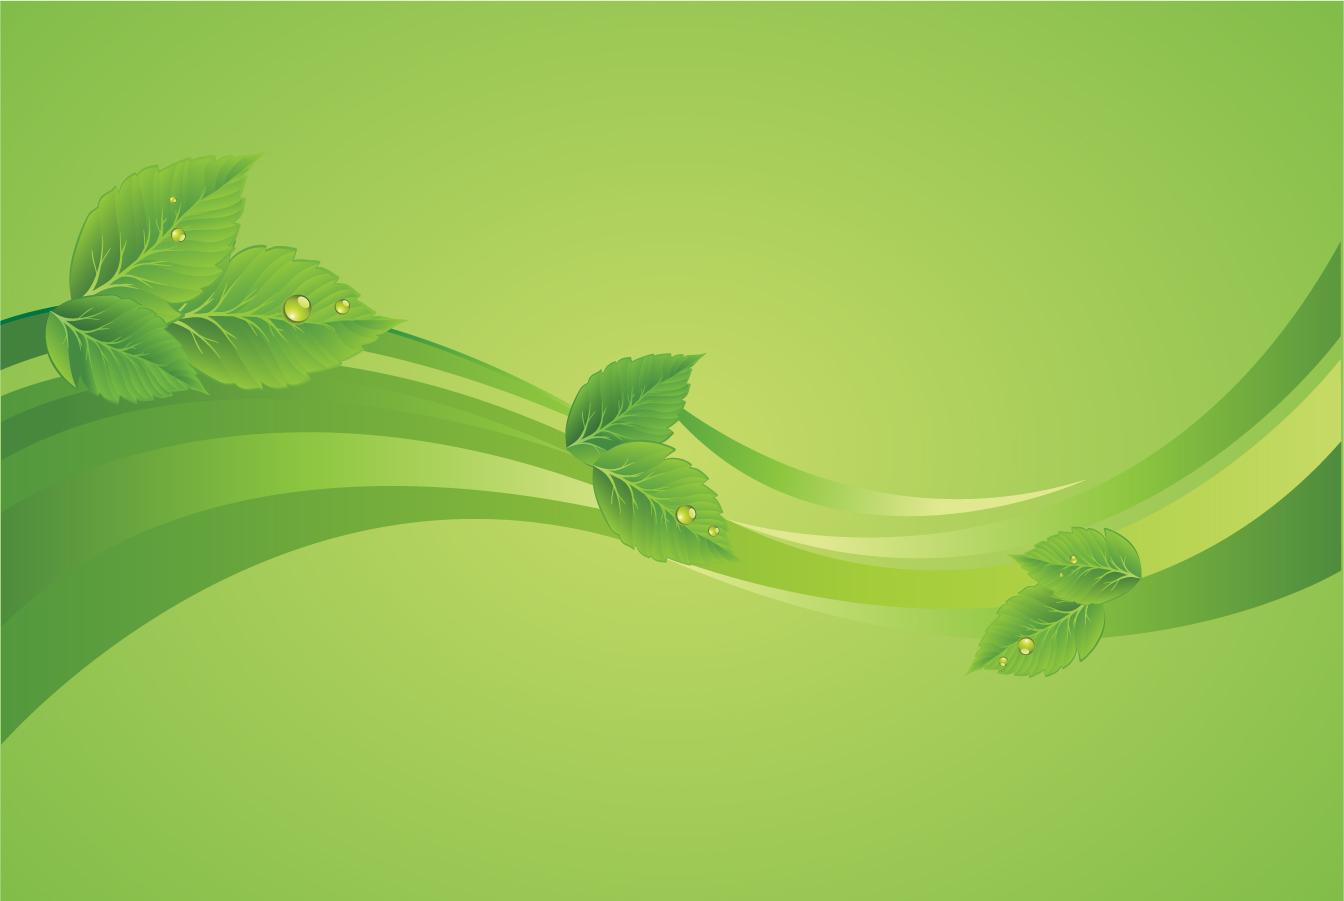 水が滴る緑の背景 green leaf backgrounds イラスト素材